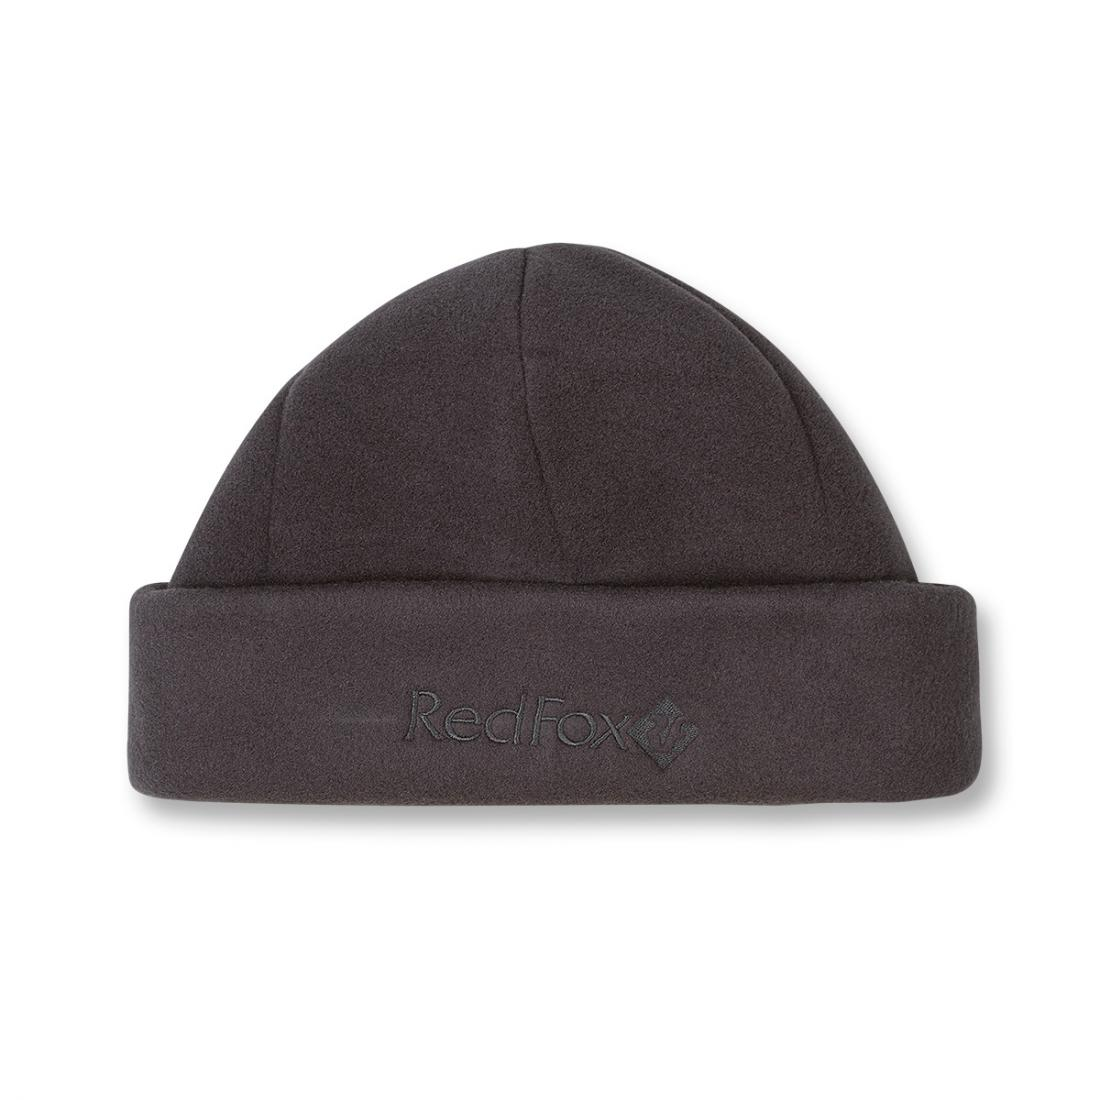 Шапка Polartec ClassicШапки<br><br> Теплая шапка классического дизайна из материала Polartec® 200<br><br><br> Основные характеристики<br><br><br>комфортная посадка<br>эргоном...<br><br>Цвет: Серый<br>Размер: 58